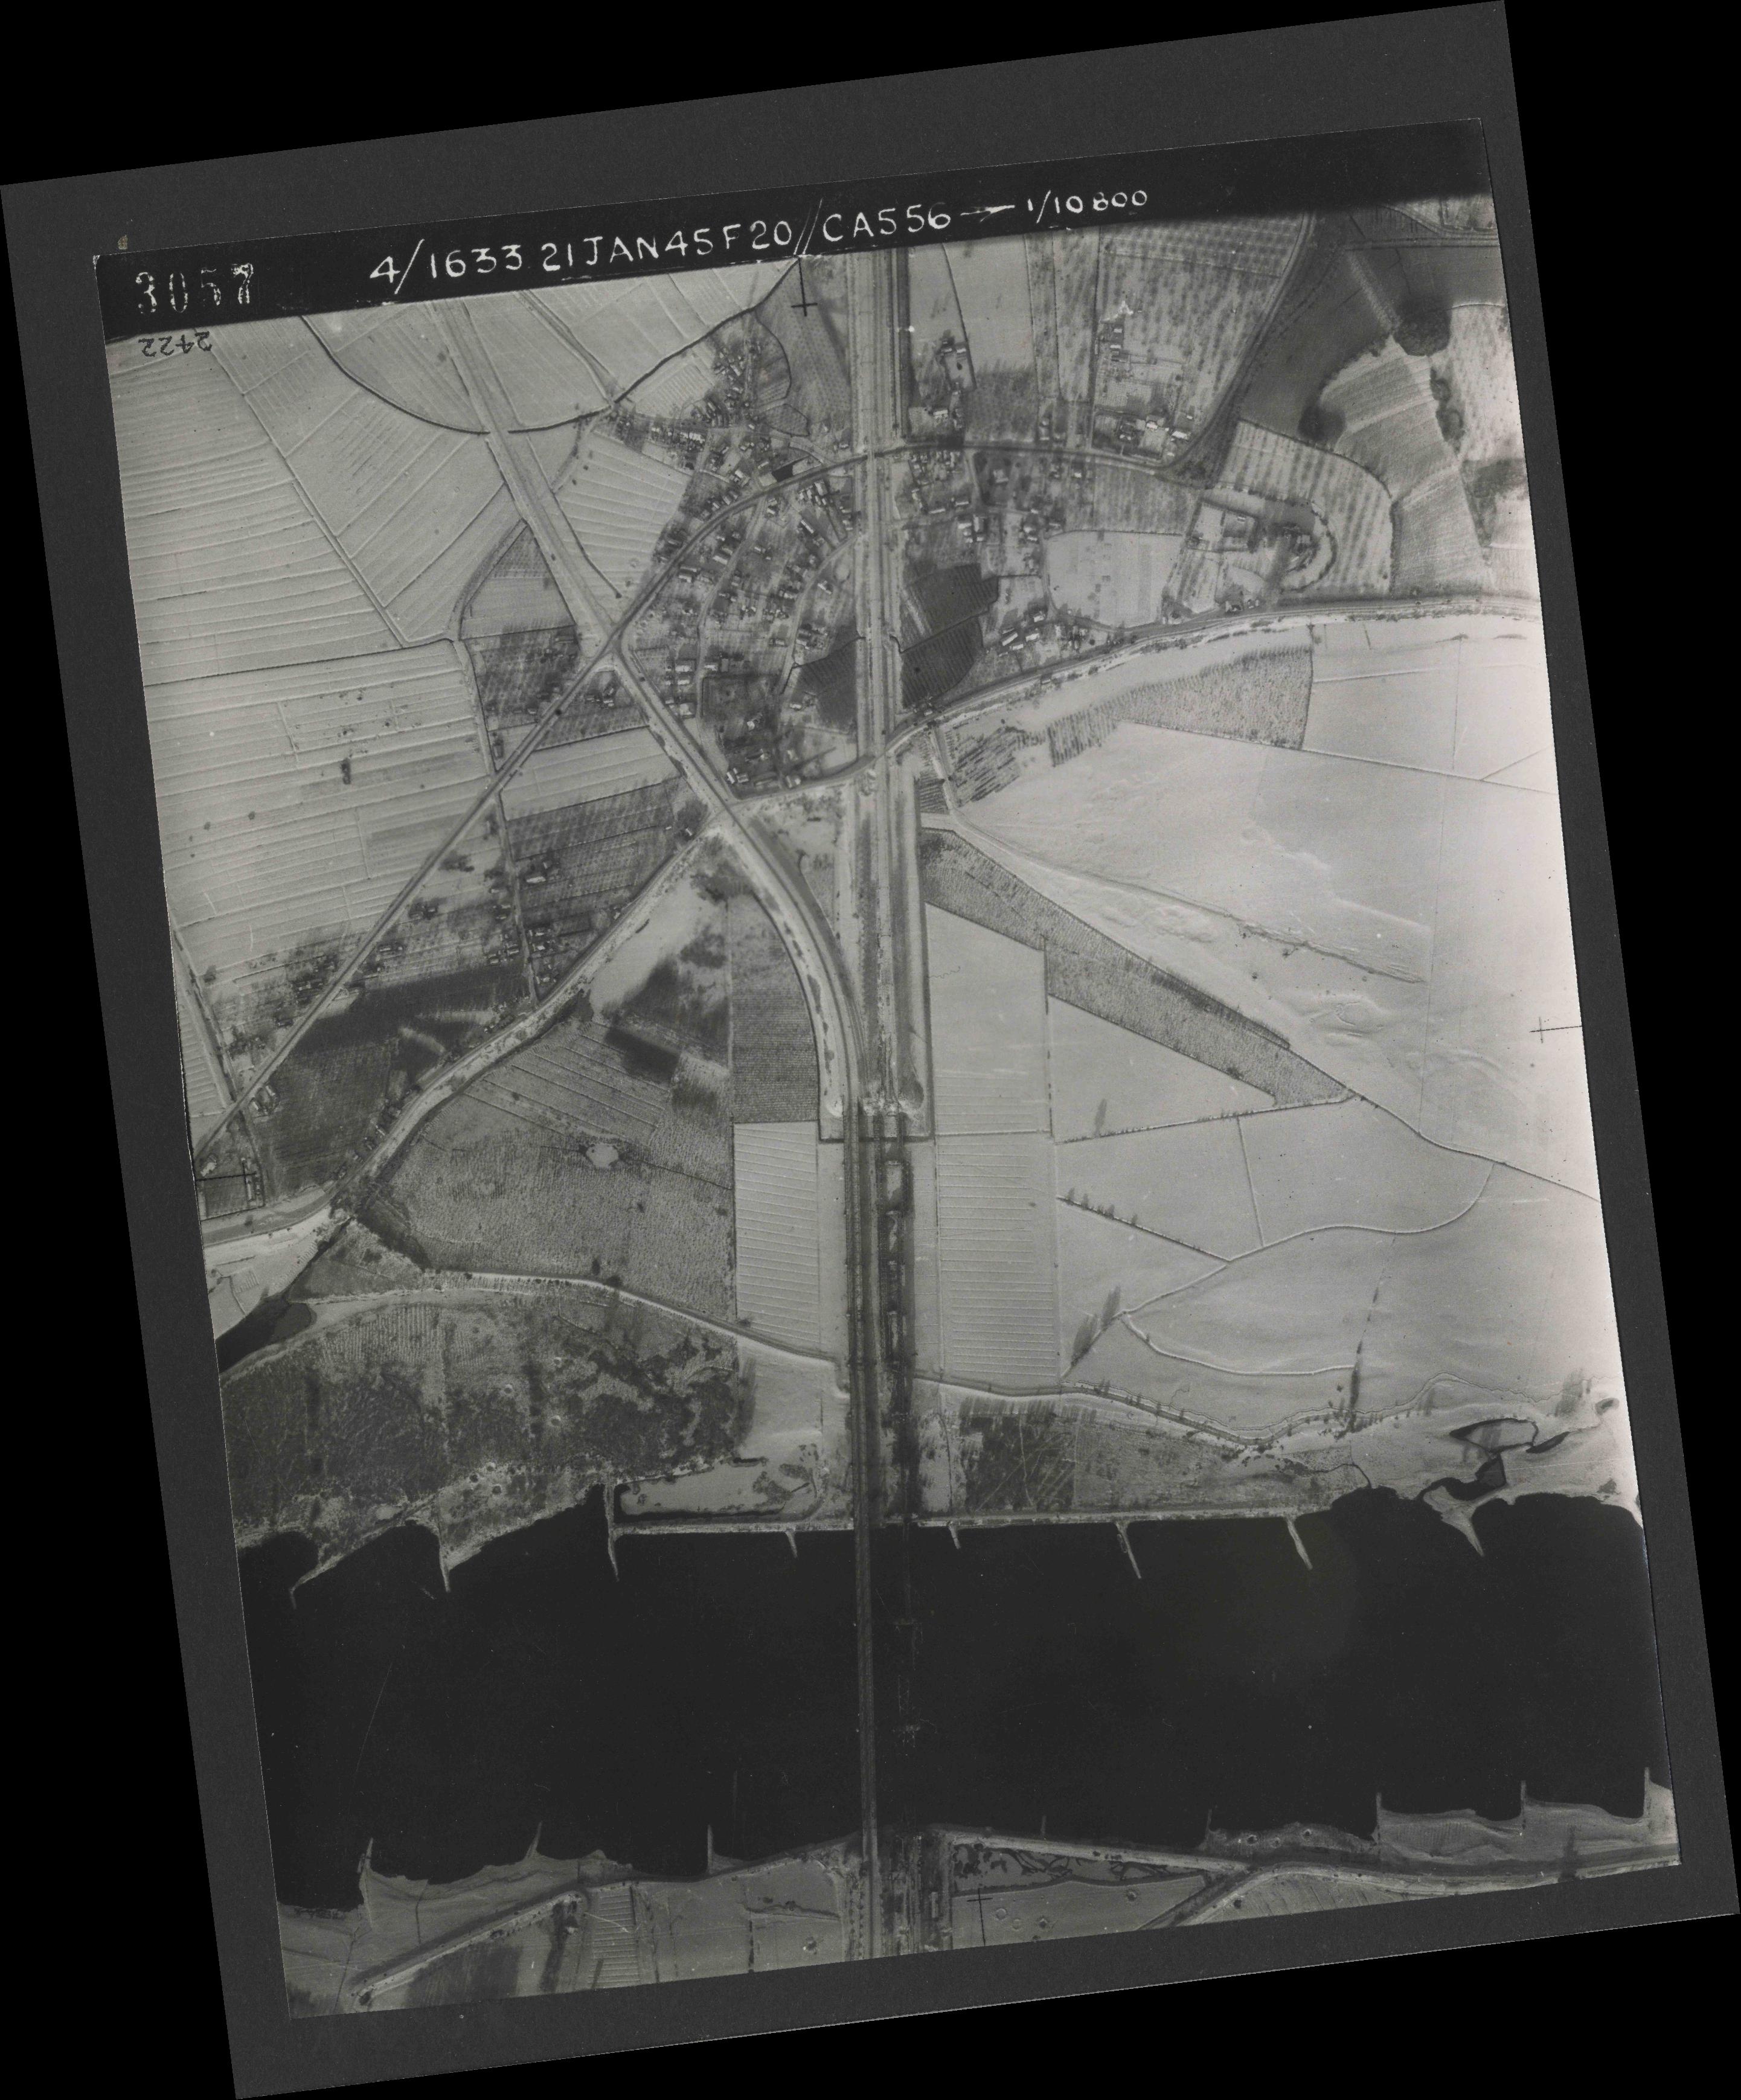 Collection RAF aerial photos 1940-1945 - flight 202, run 06, photo 3057